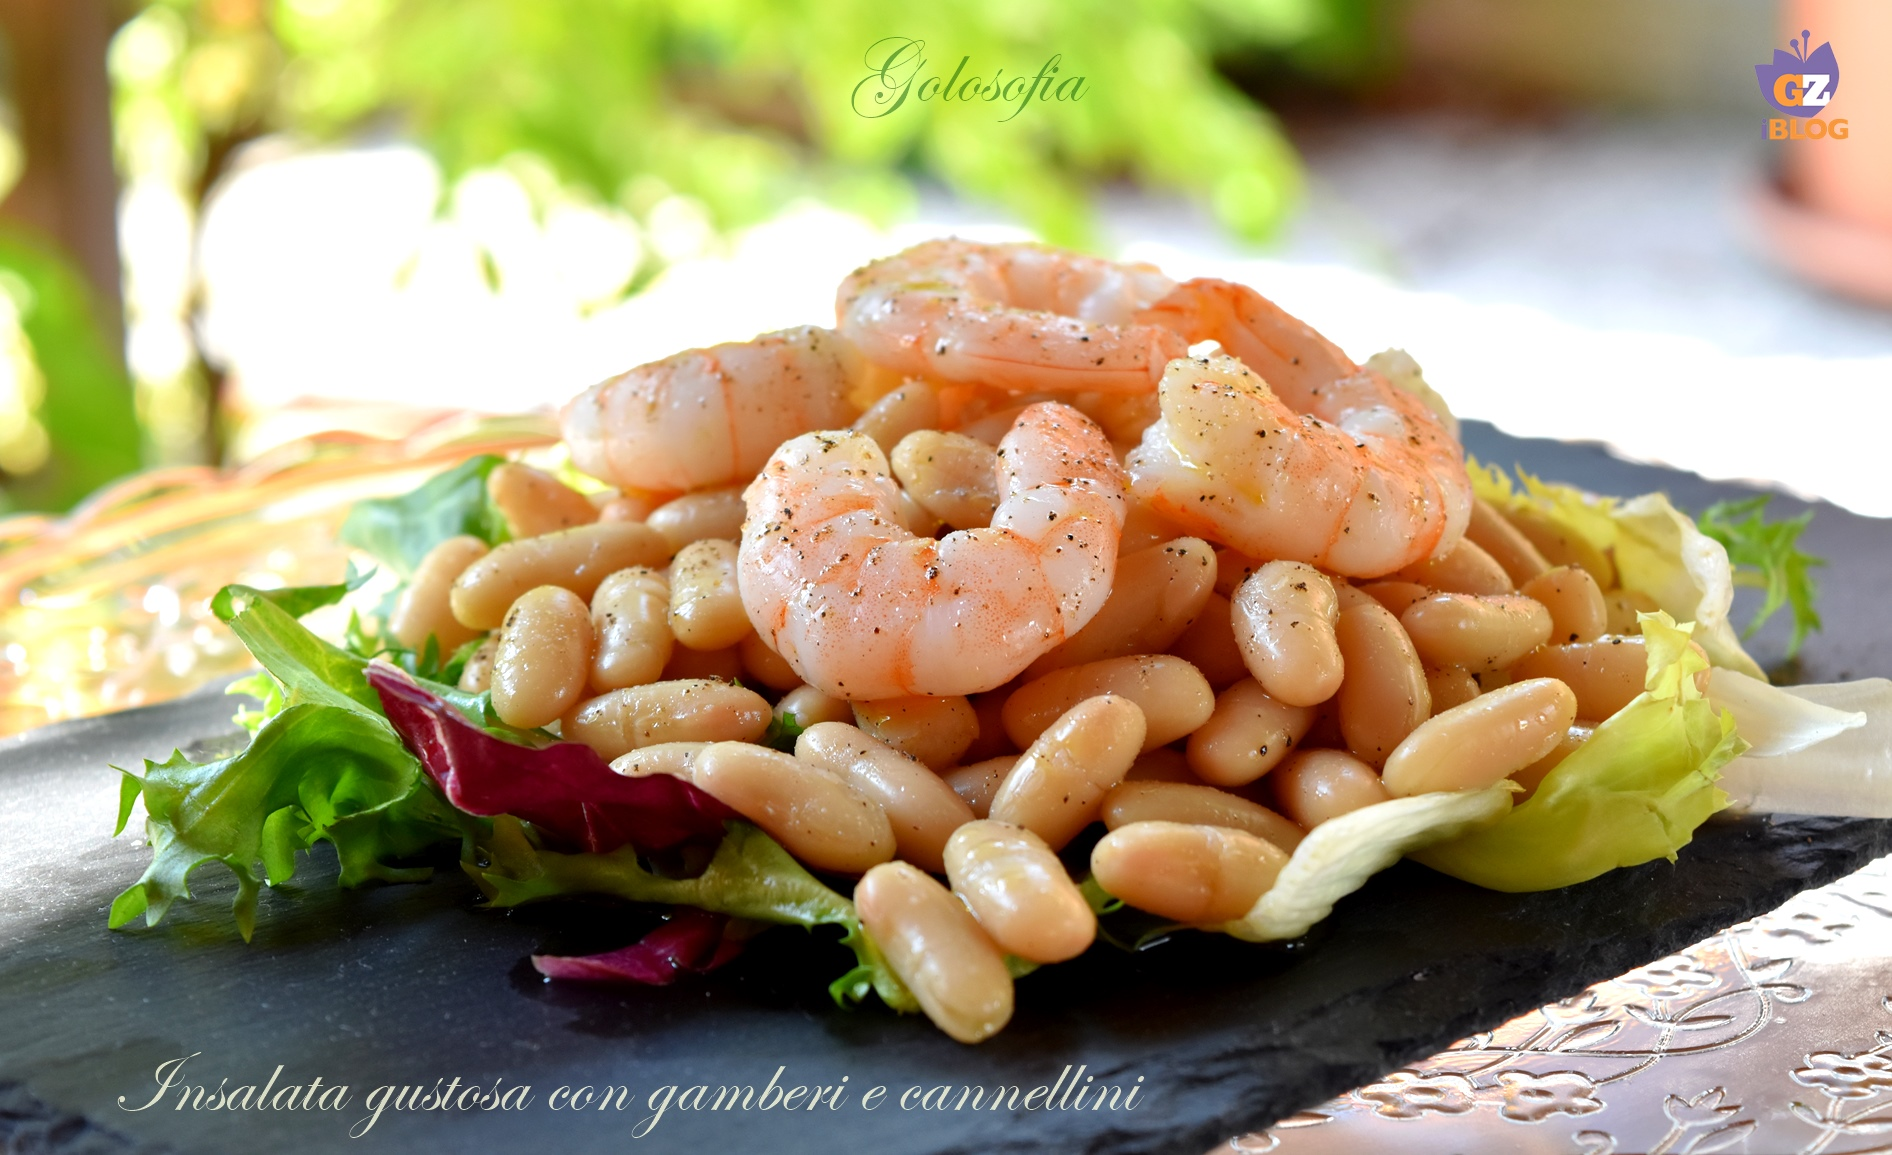 Insalata gustosa con gamberi e cannellini-ricetta insalate sfiziose-golosofia